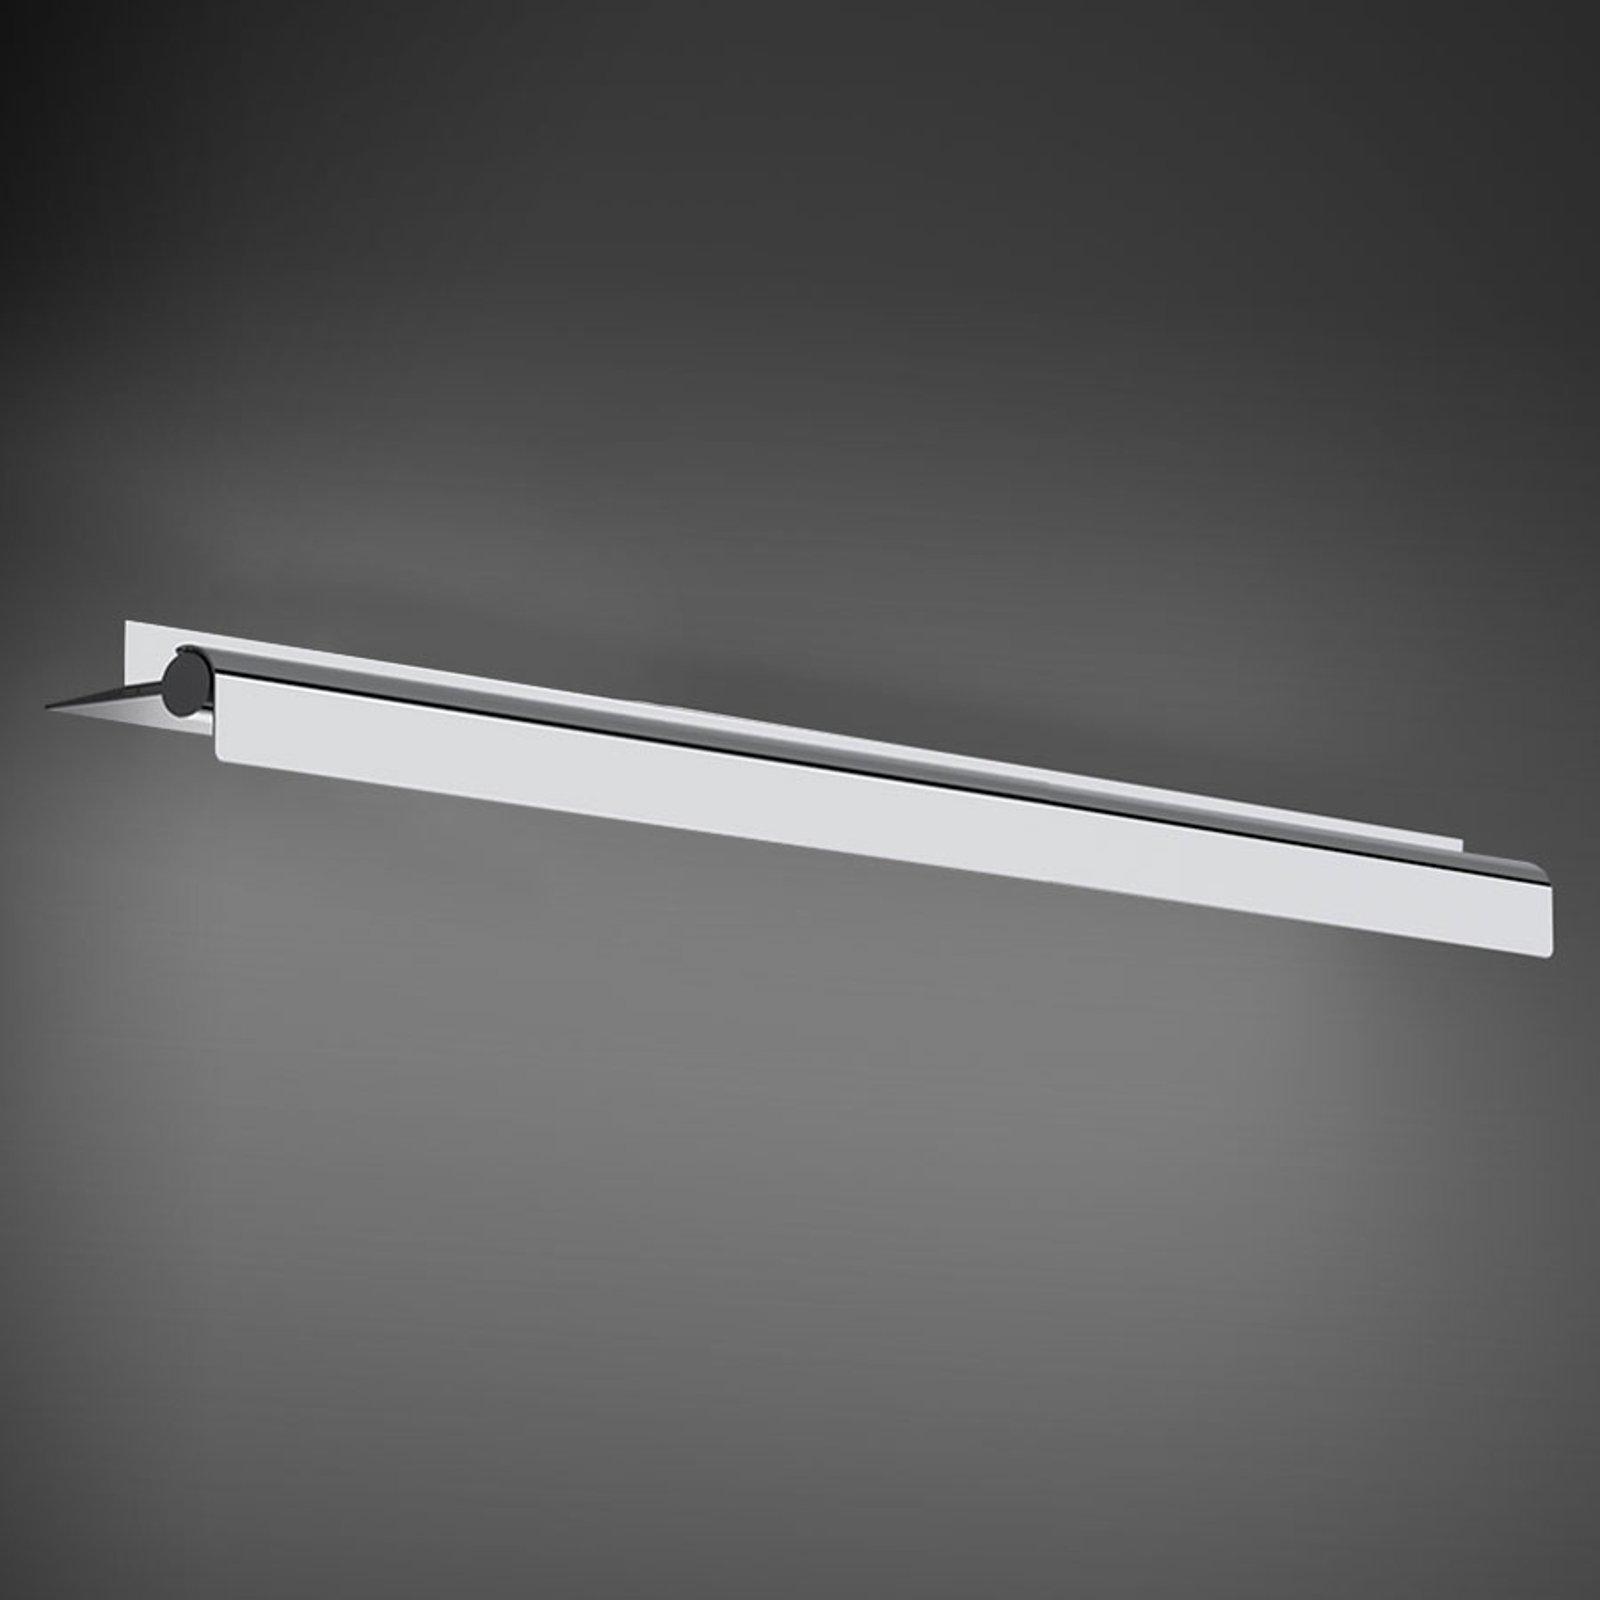 Millenium speillampe 98,5 cm